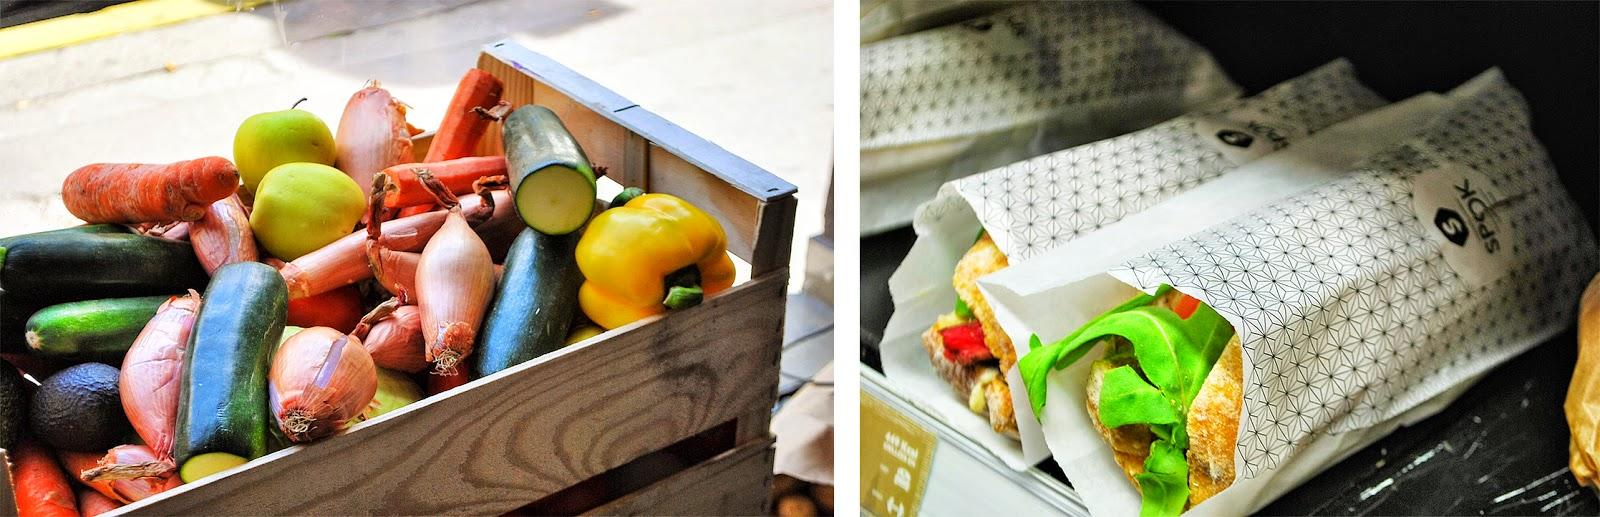 cageot légume spok, produits locaux, sandwichs frais, baguette